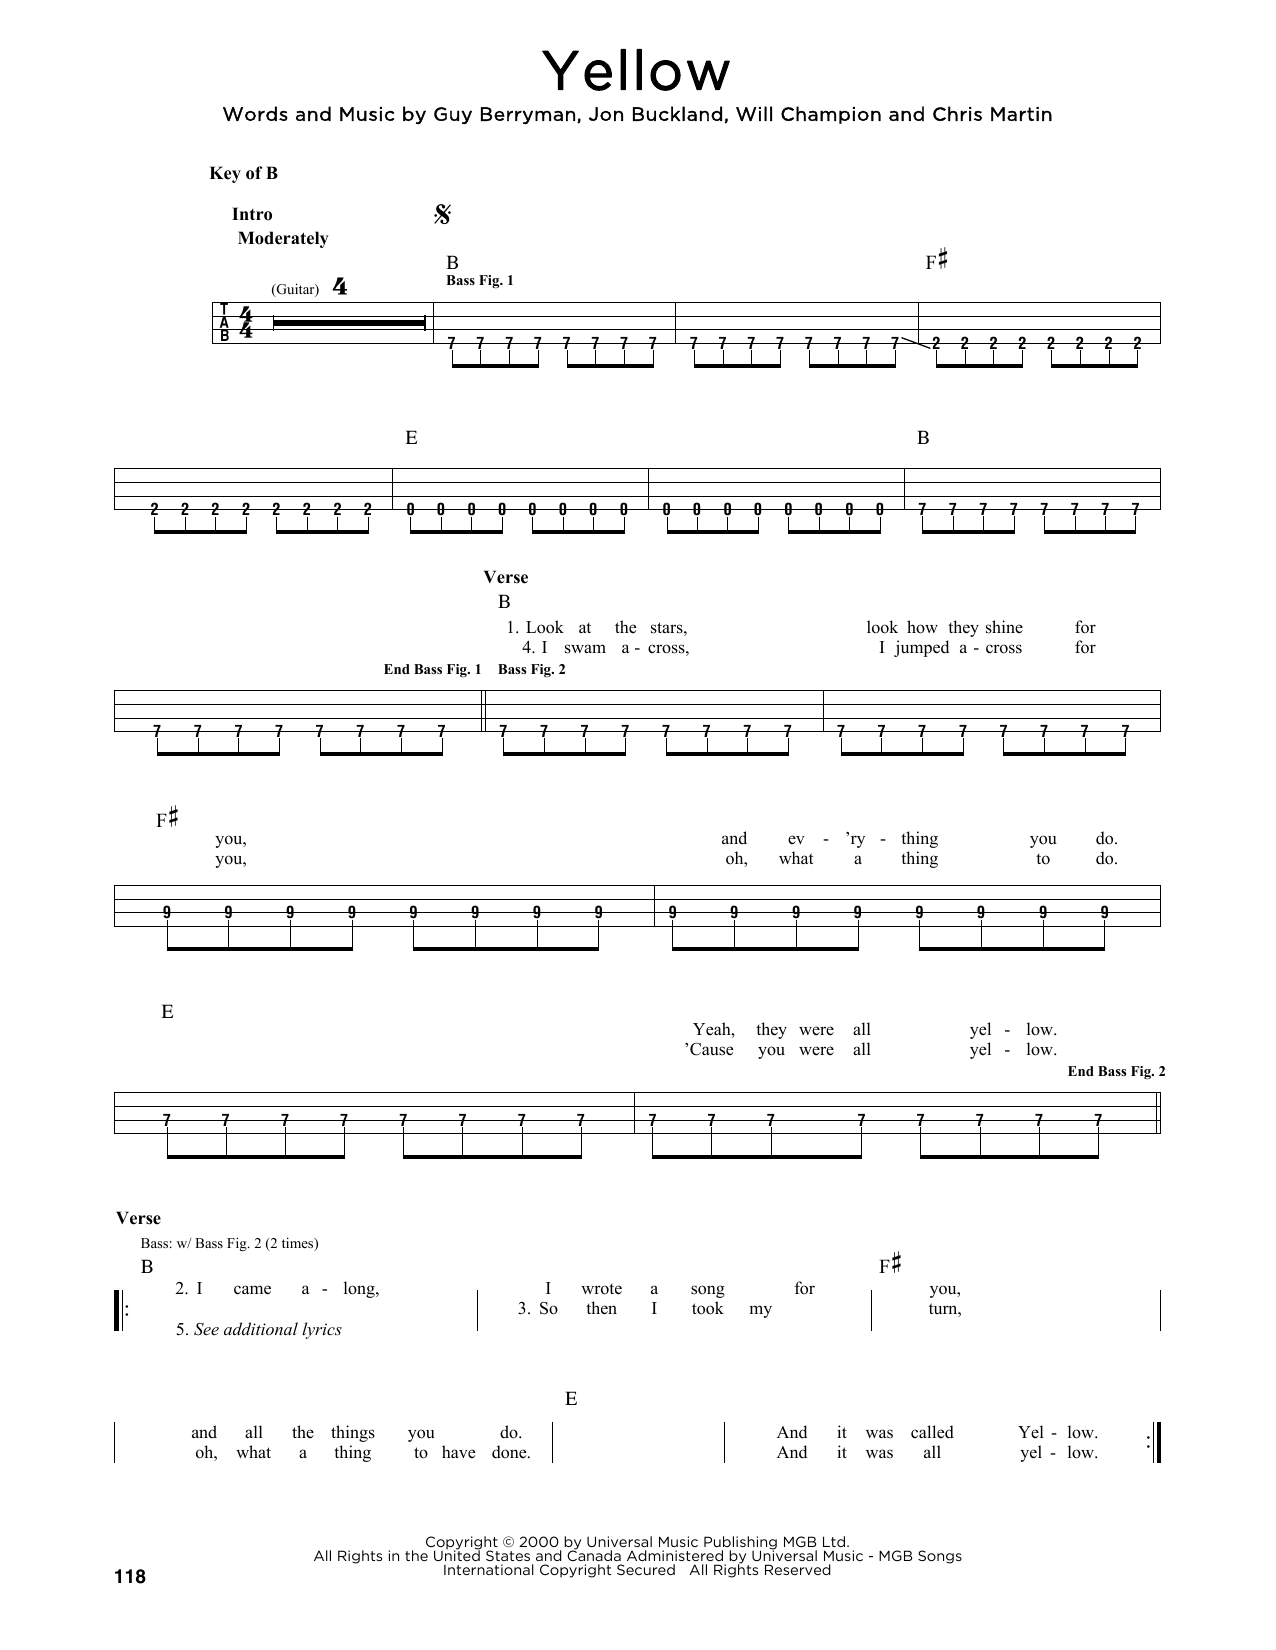 Coldplay 'Yellow' Sheet Music Notes, Chords   Download Printable Lyrics &  Chords   SKU 15